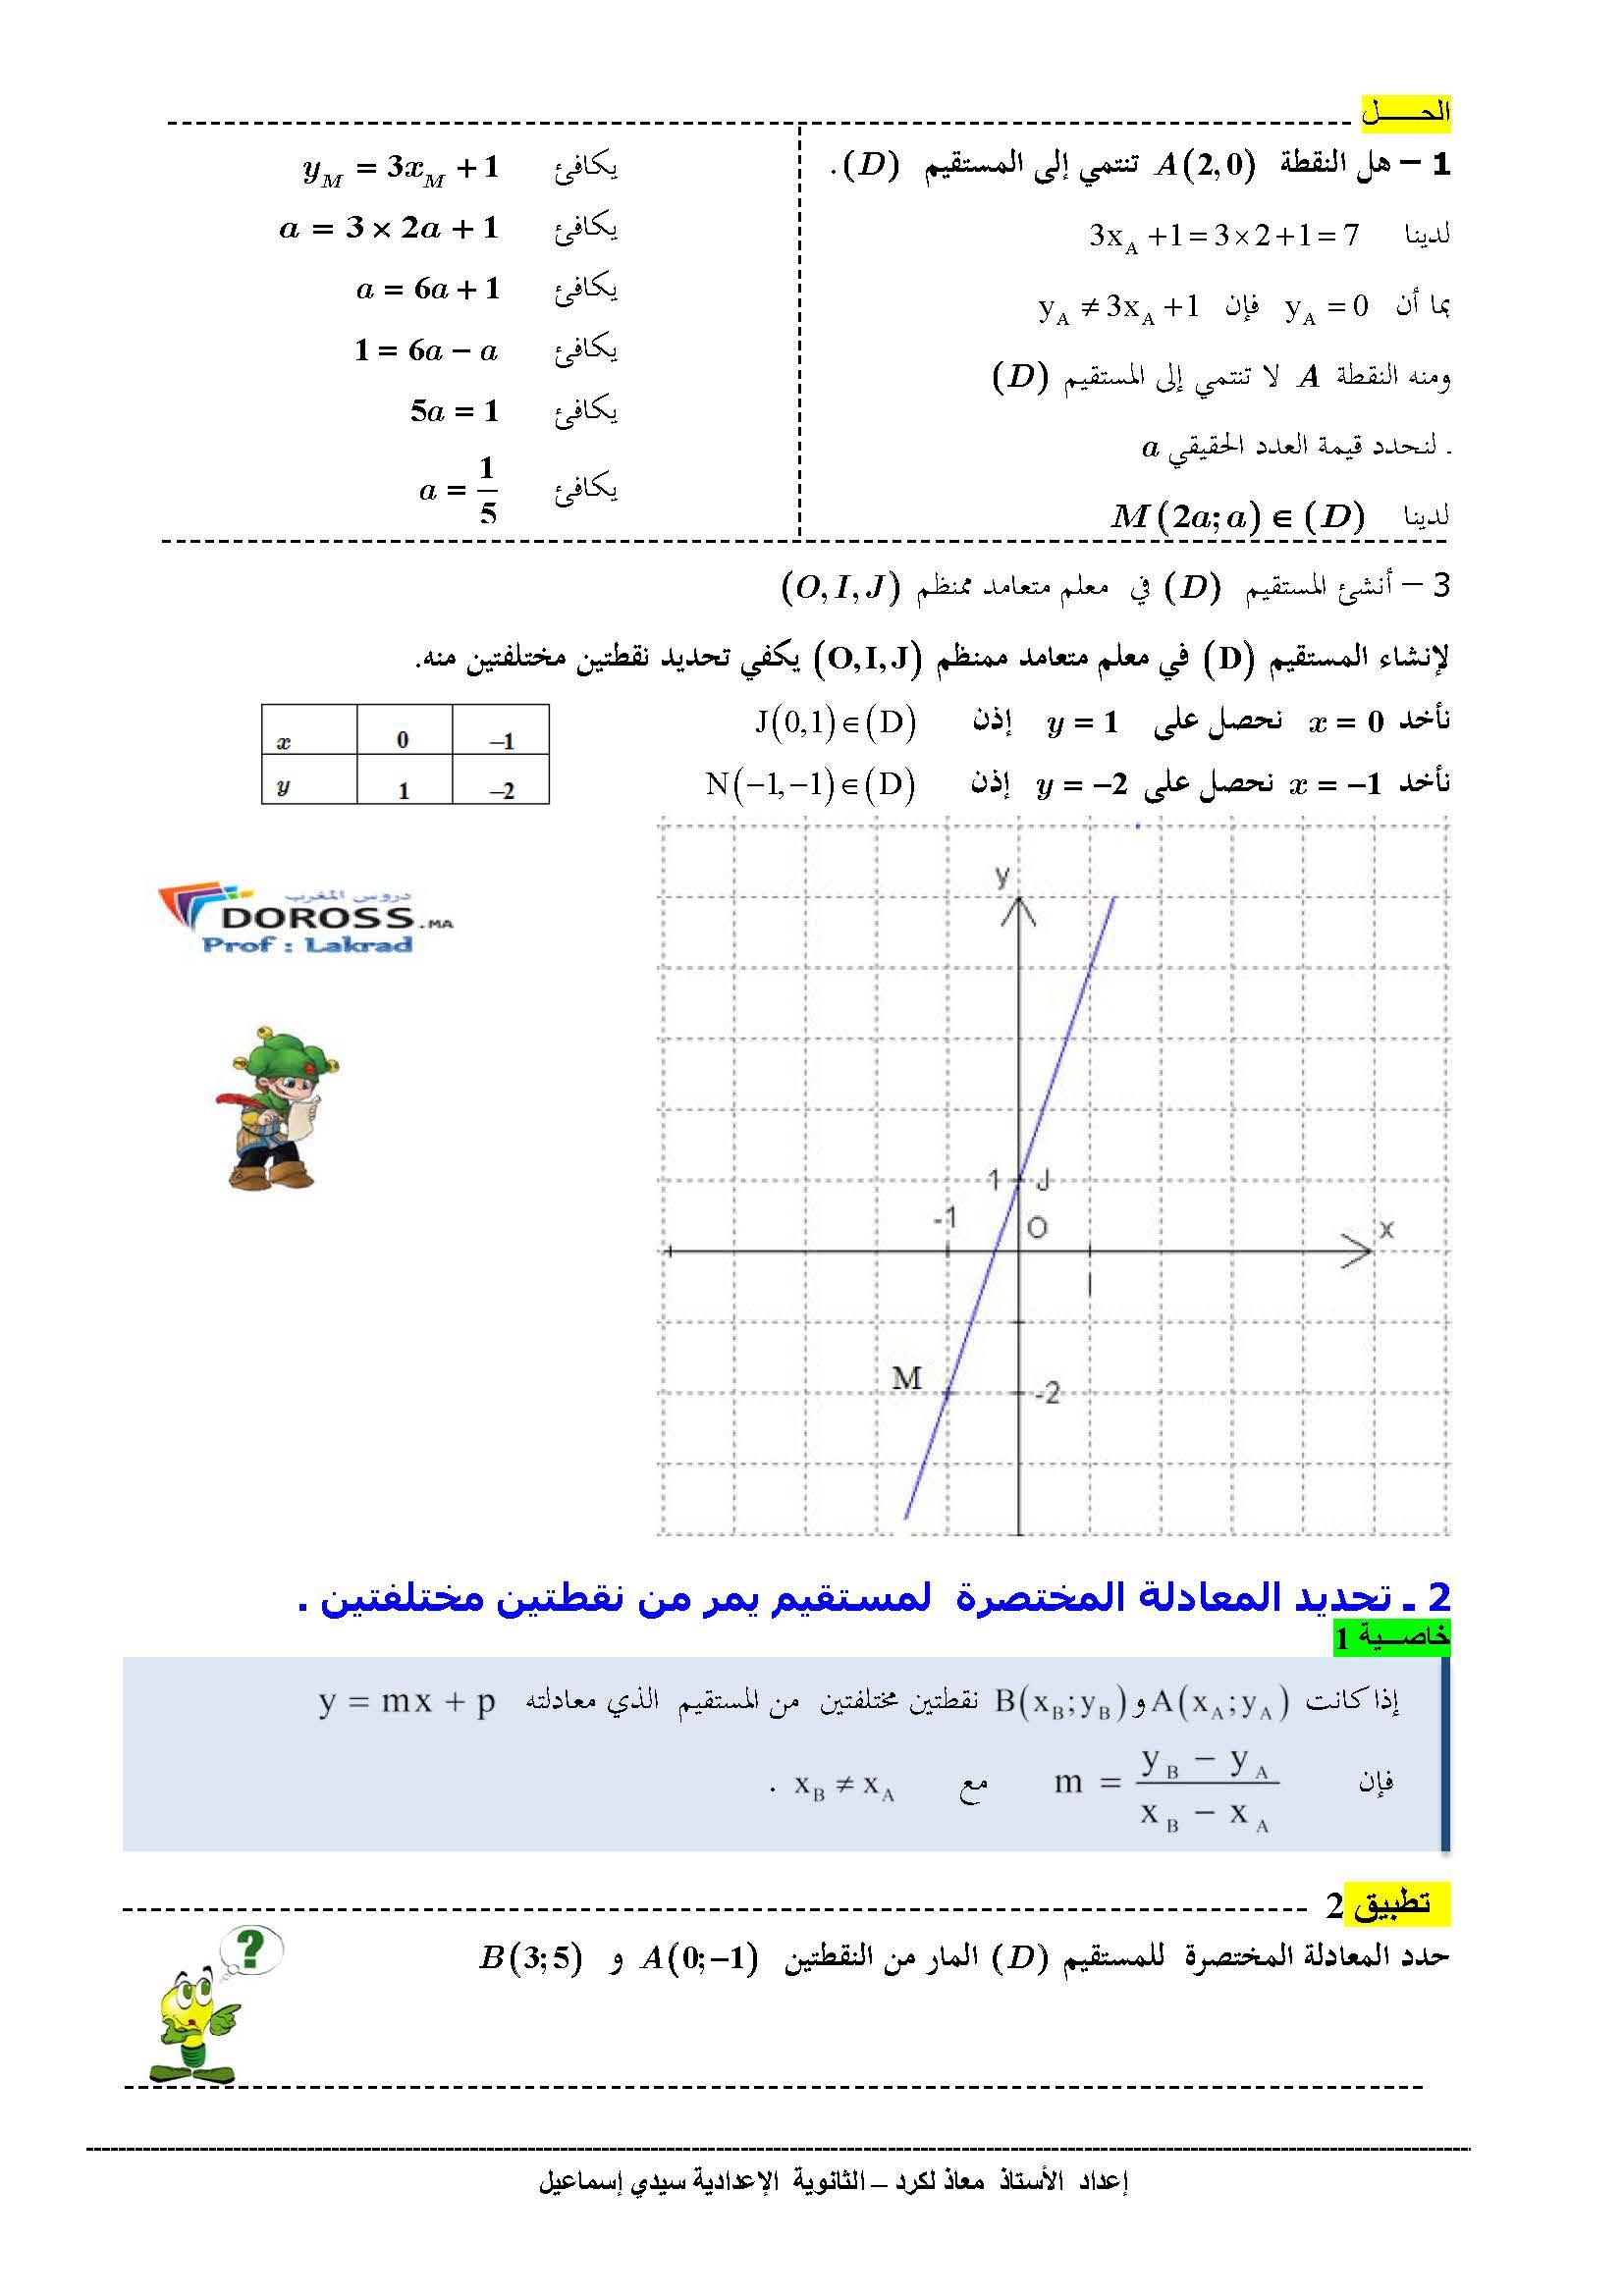 دروس الرياضيات : درس + تطبيقات معادلة مستقيم   الثالثة إعدادي